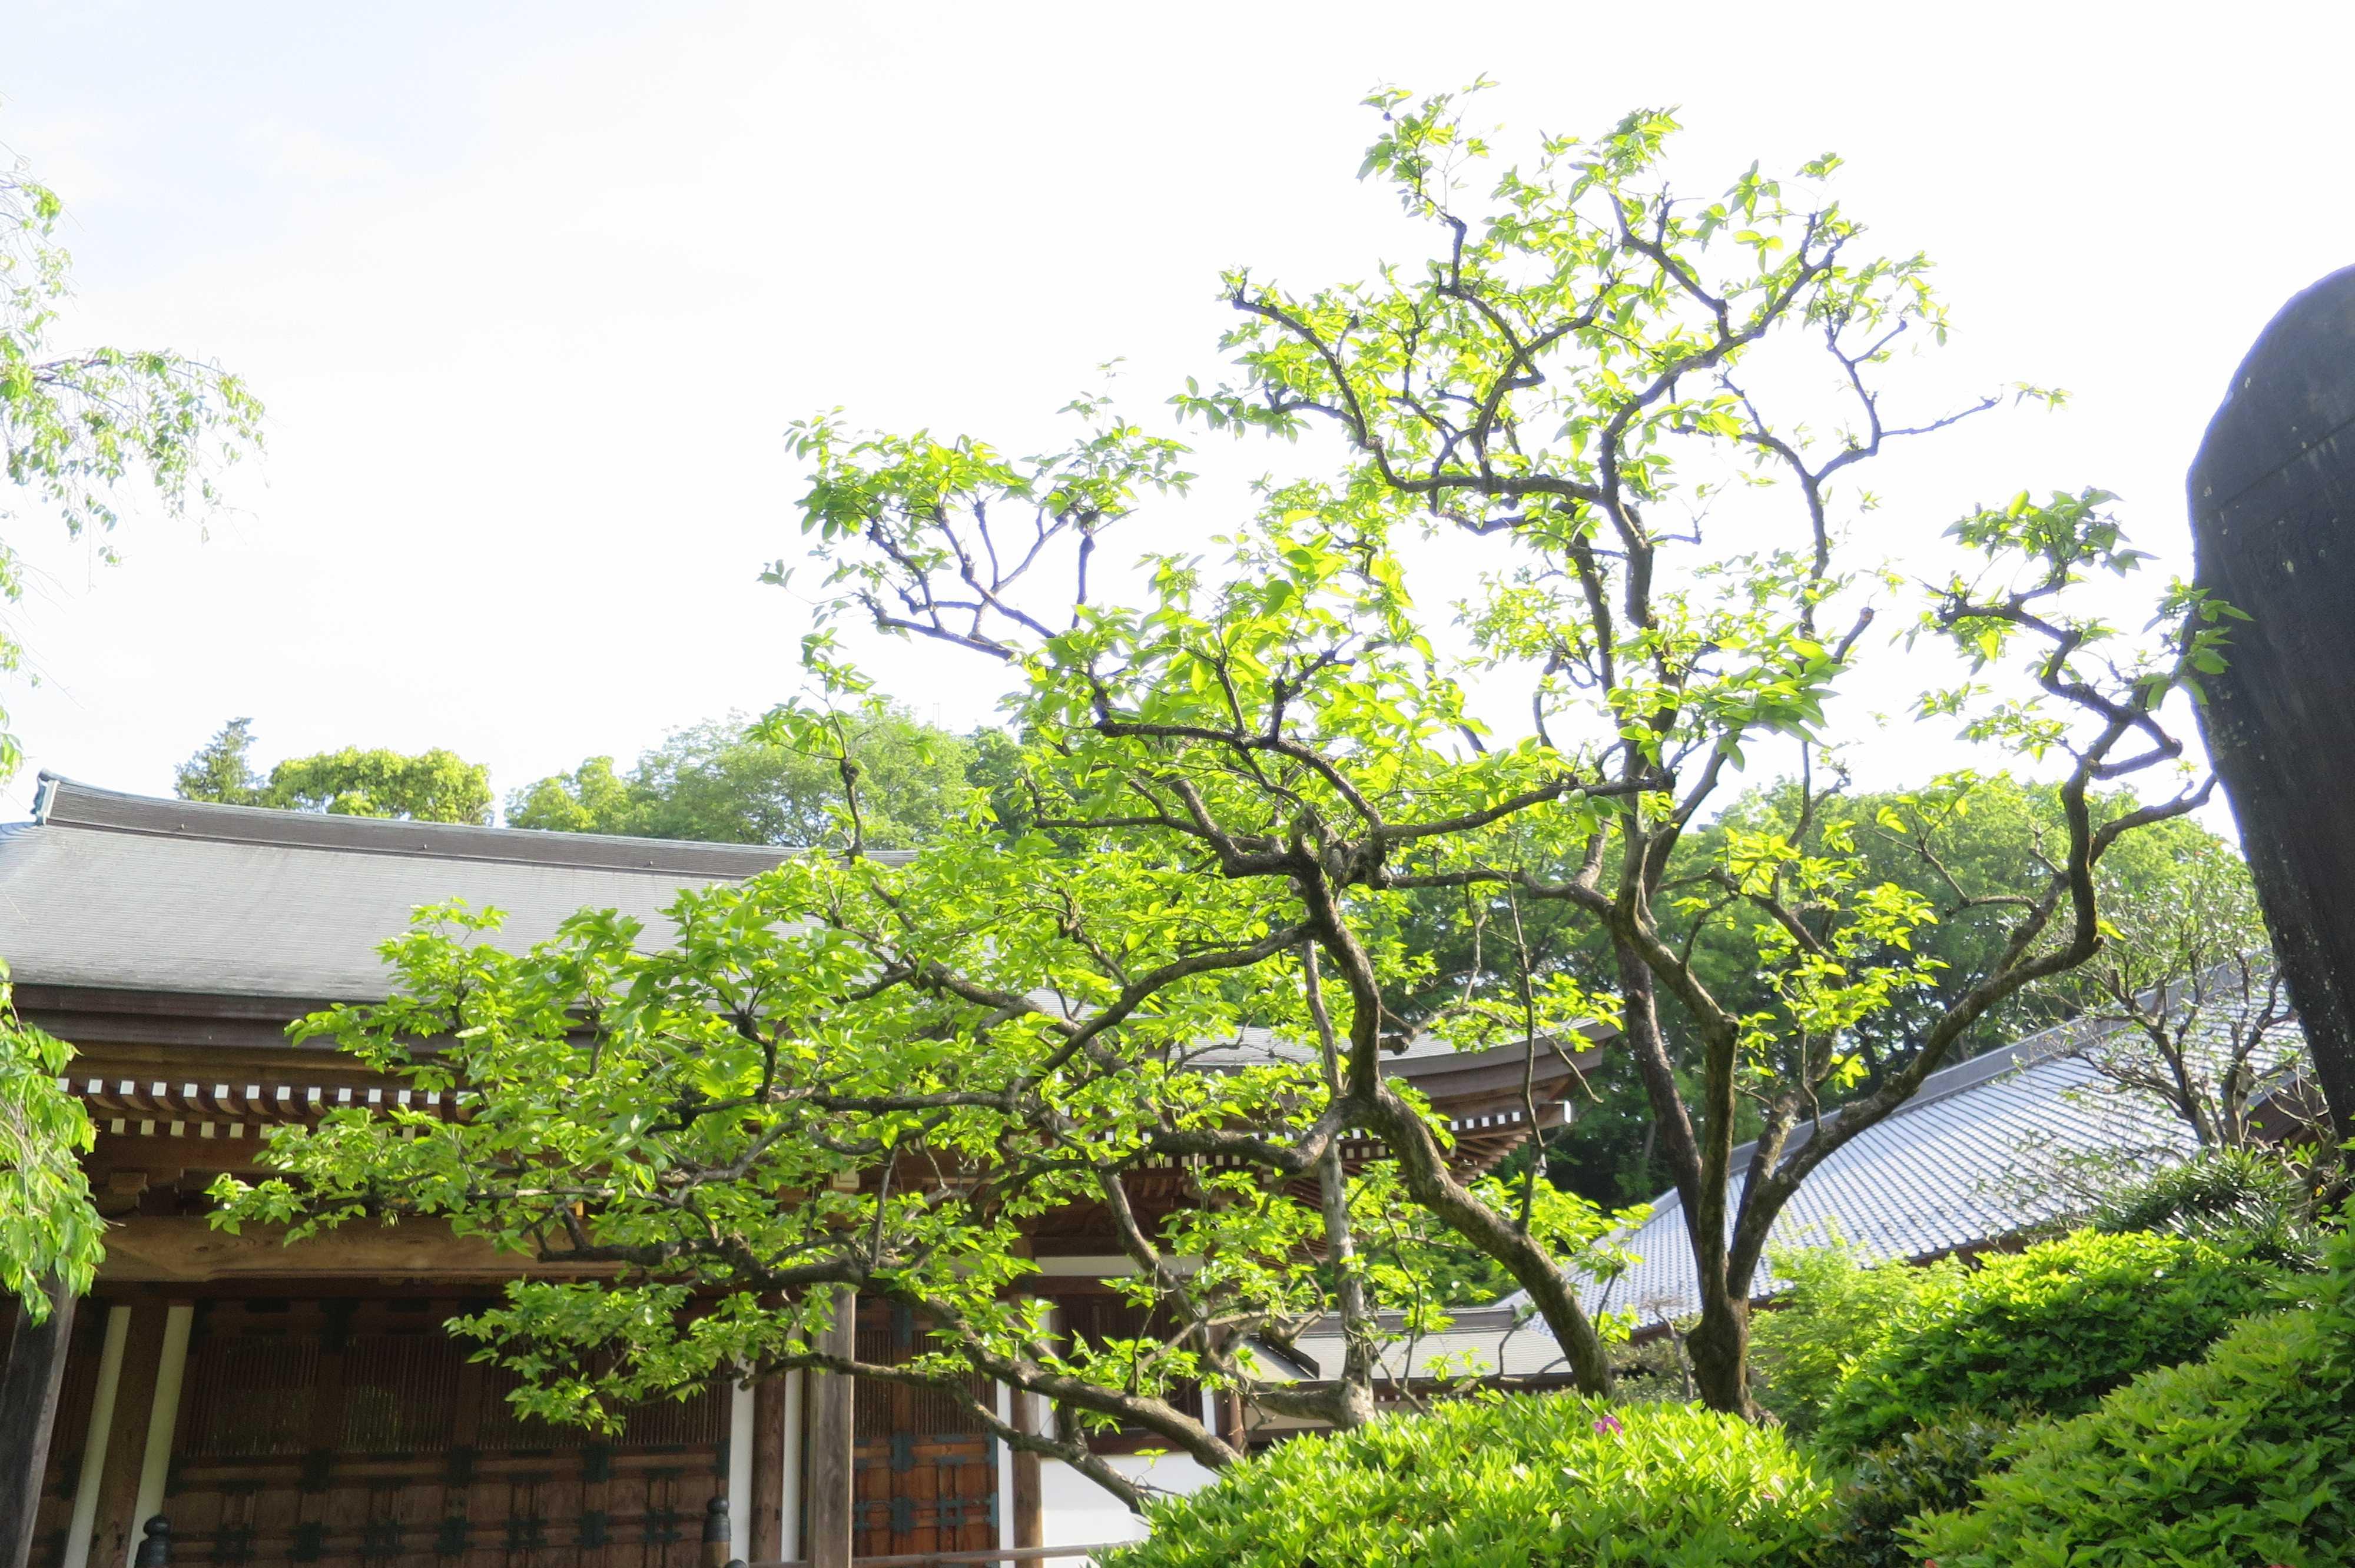 フレッシュなグリーンに染まった禅寺丸の原木